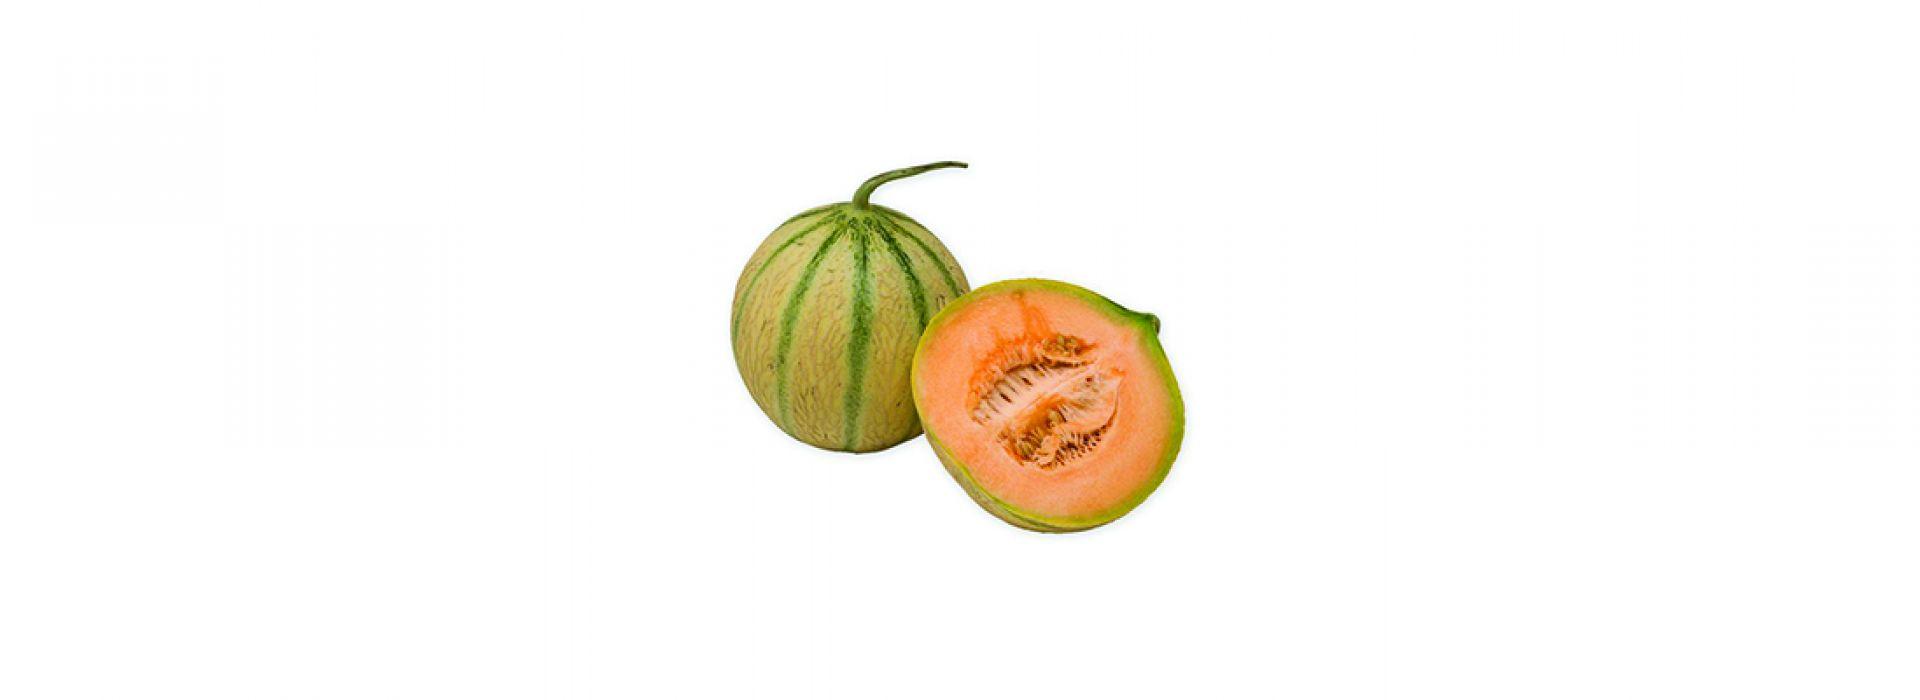 Charentais cantaloupe